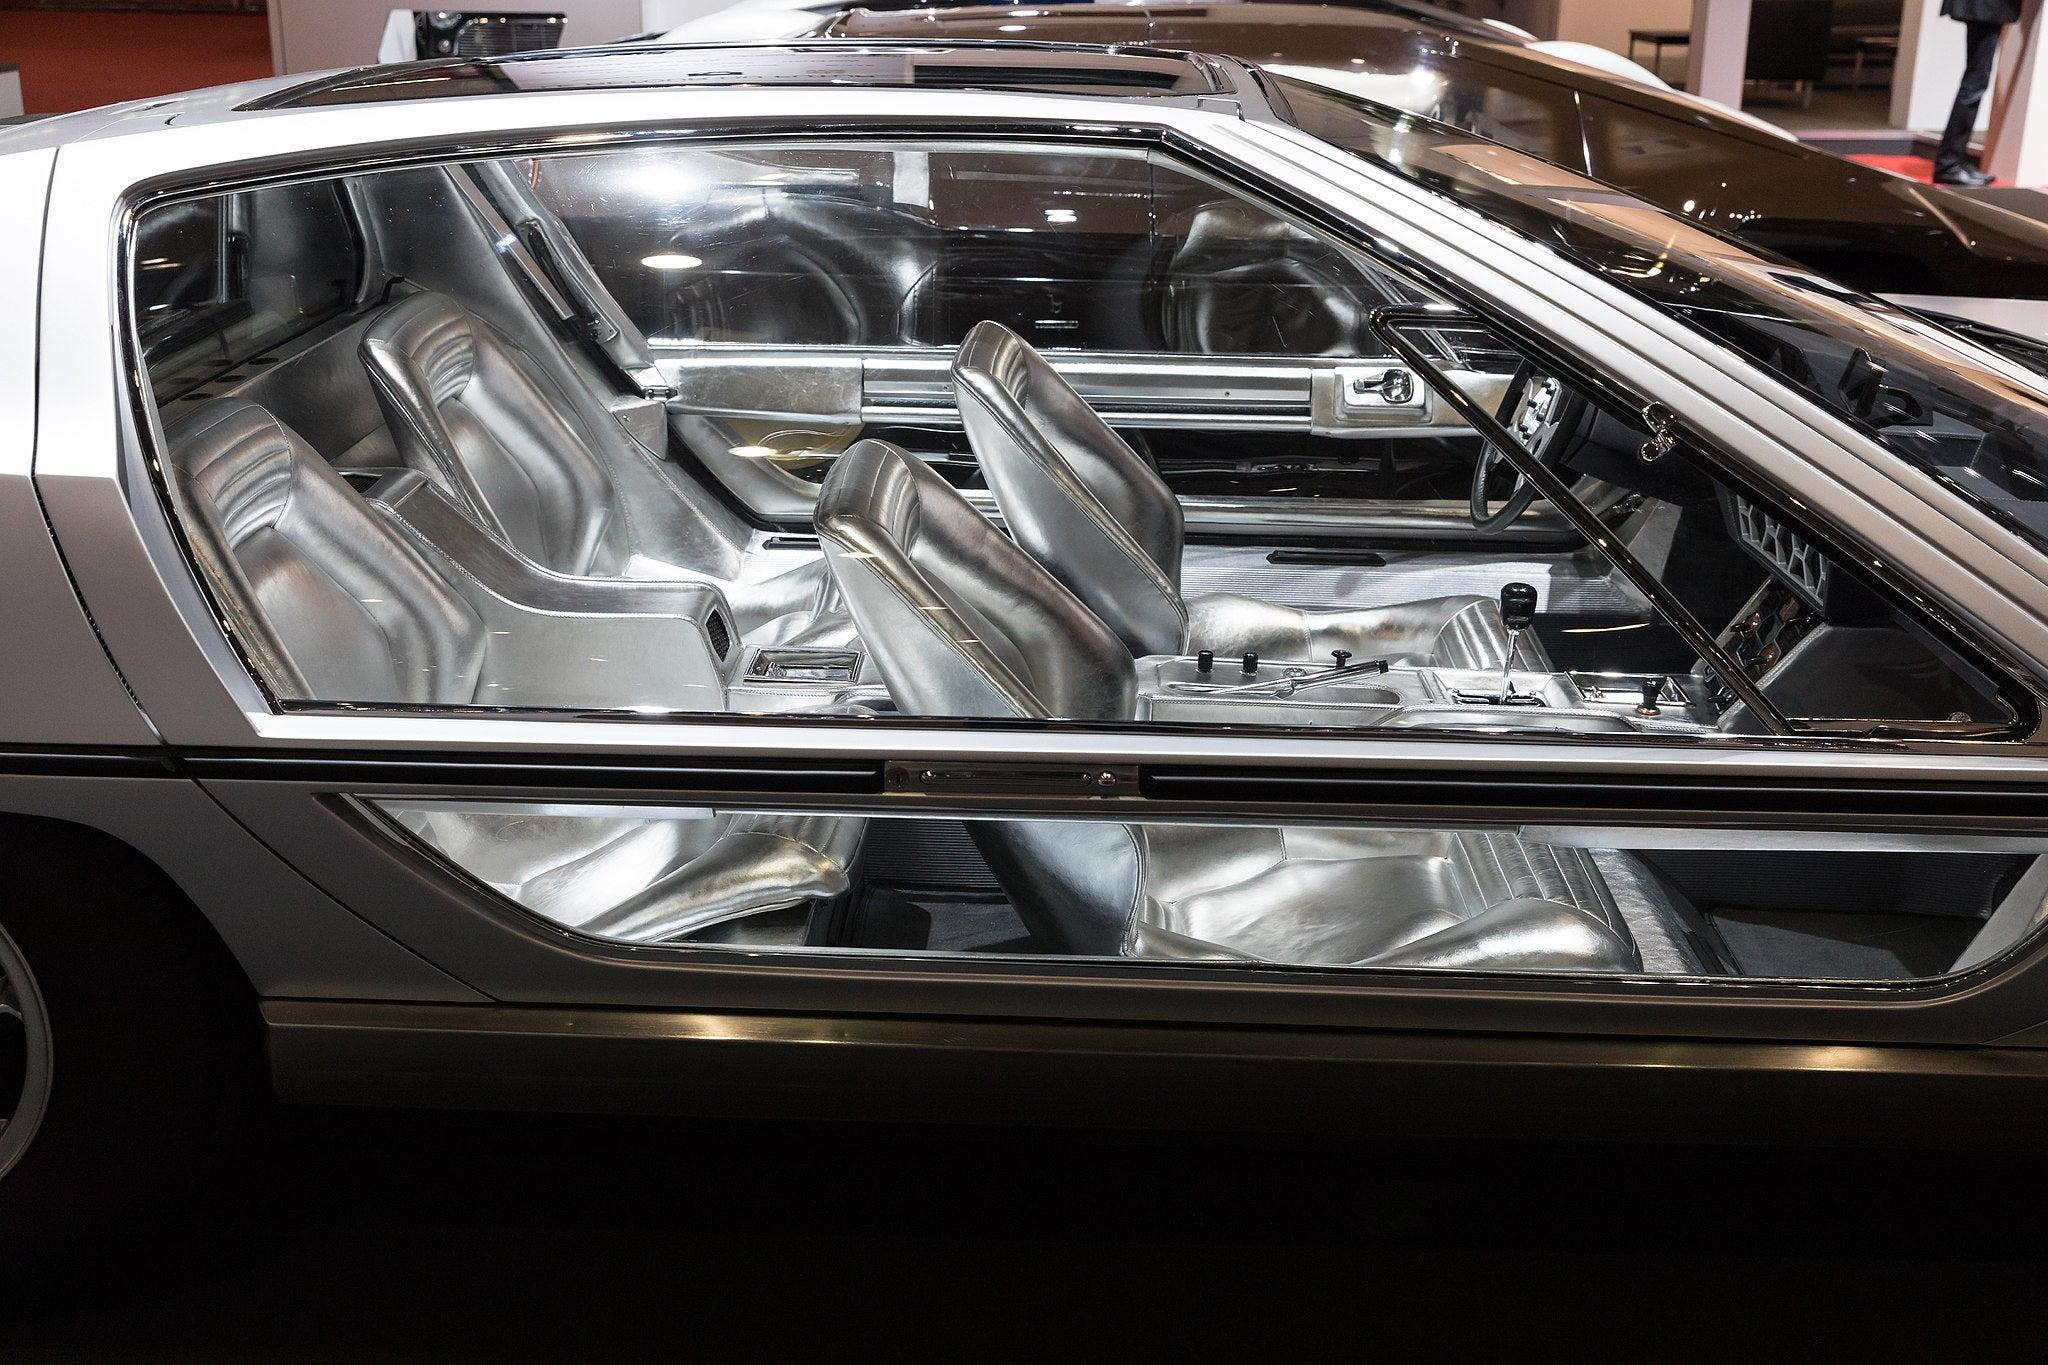 The Futuristic Lamborghini Marzal Concept Got A Second Life At